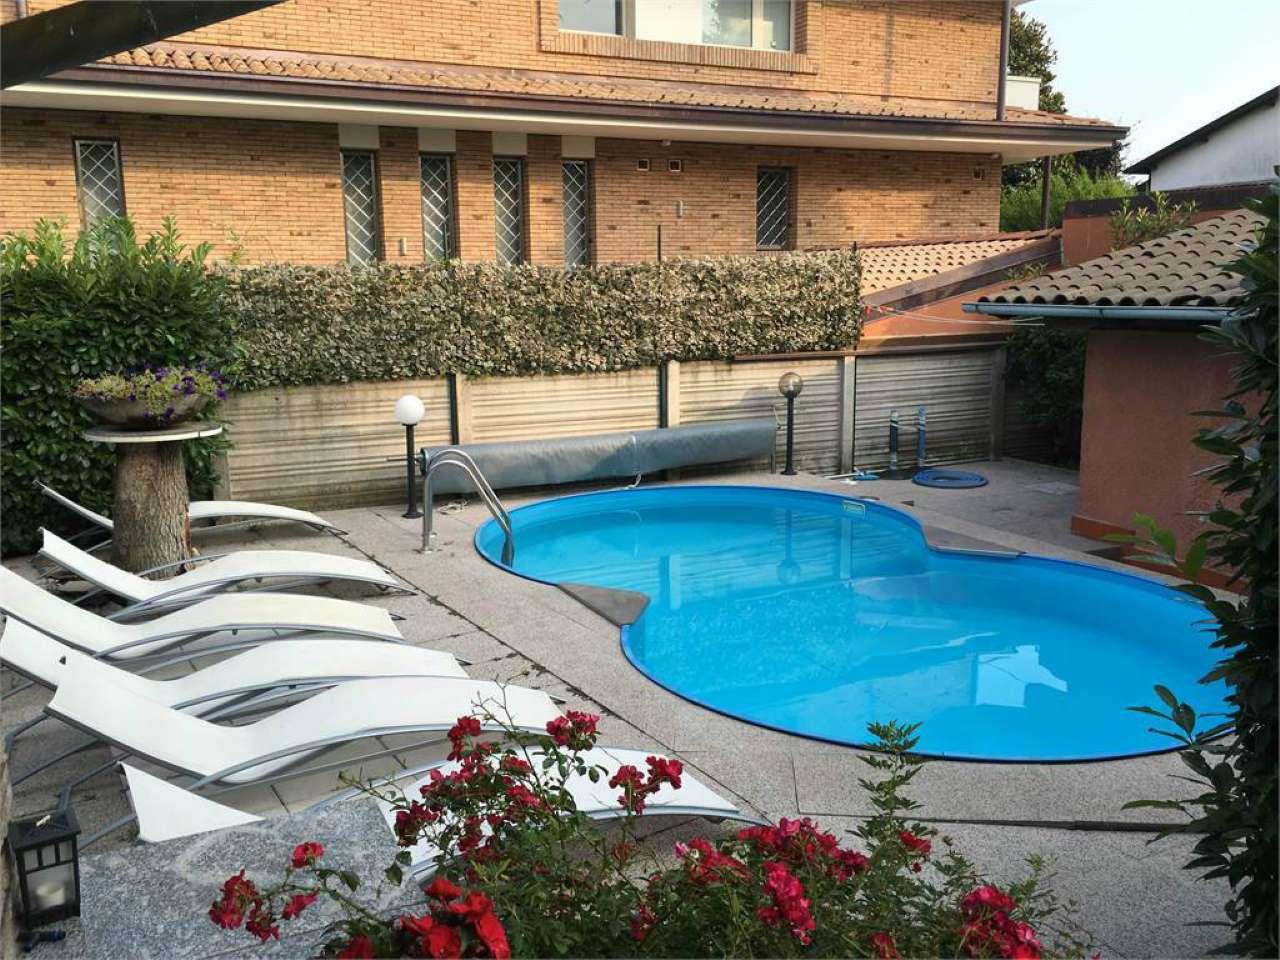 Villa in vendita a Cisliano, 9 locali, Trattative riservate | CambioCasa.it